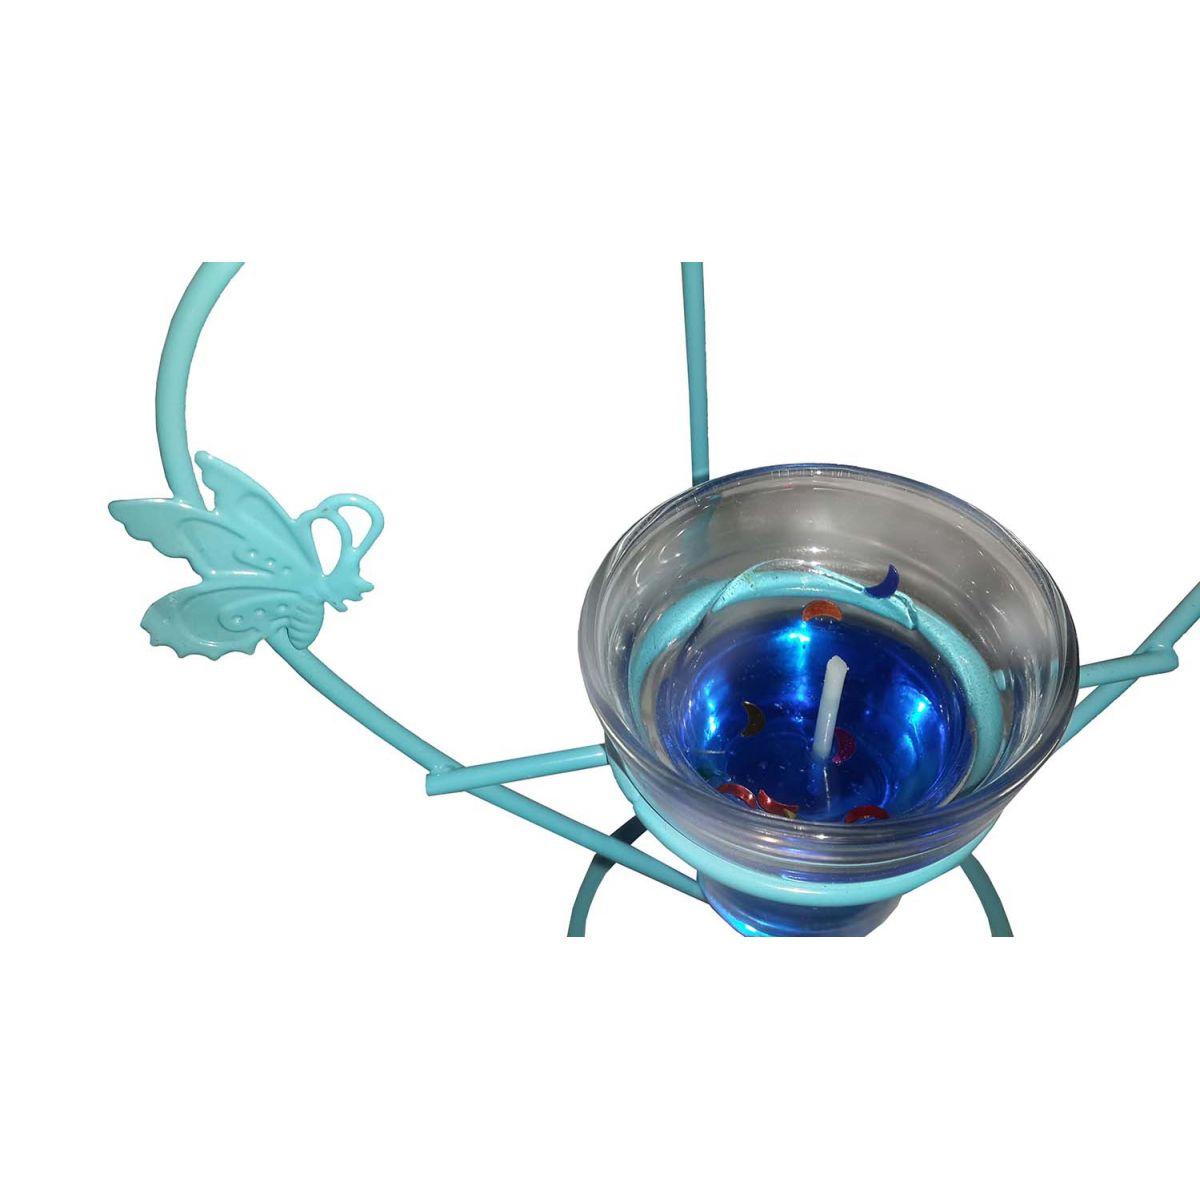 Porta Vela Metal e Vela Copo Vidro Coraçao Azul (BL-1050-G)